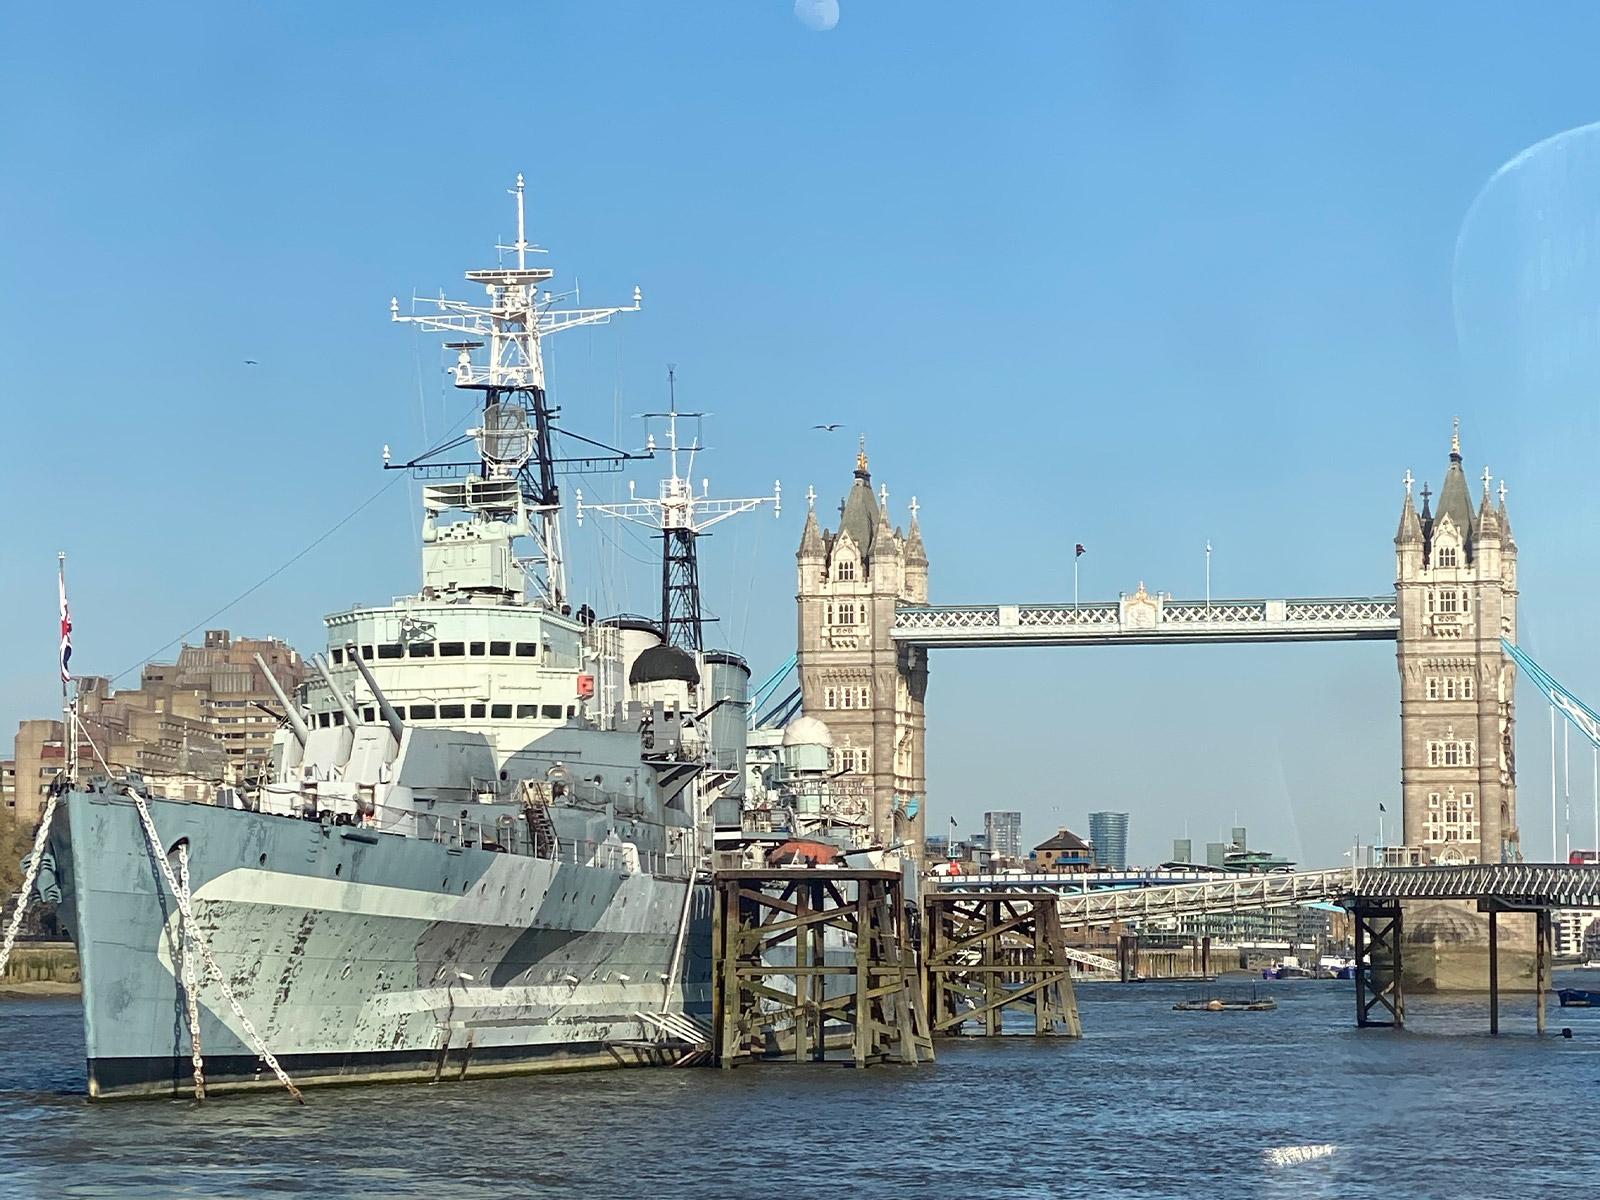 倫敦泰晤士河南岸-HMS Belfast